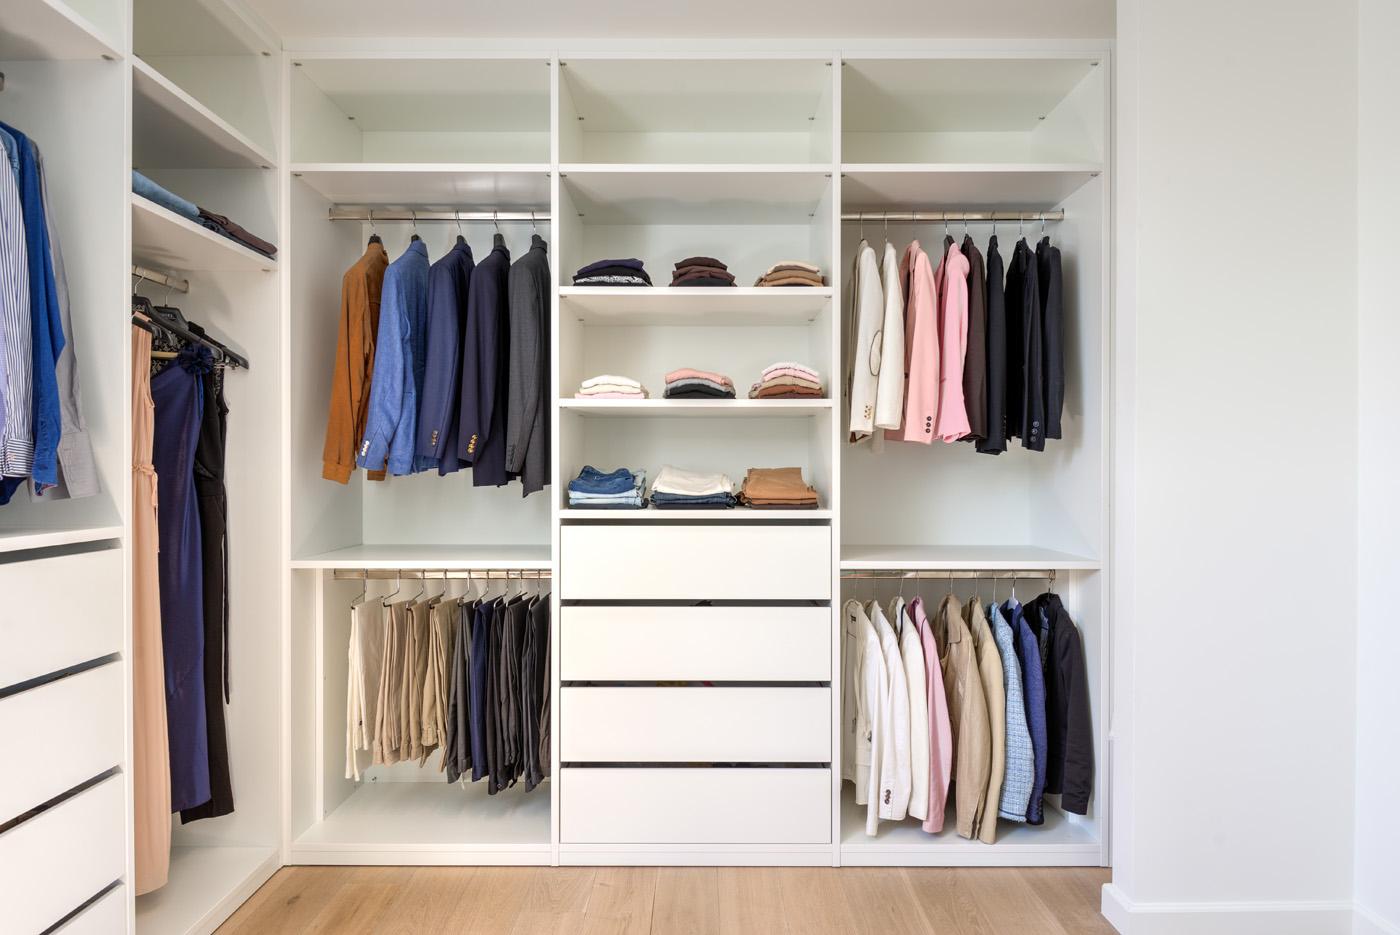 Des astuces pour aménager un dressing pas cher chez soi ...